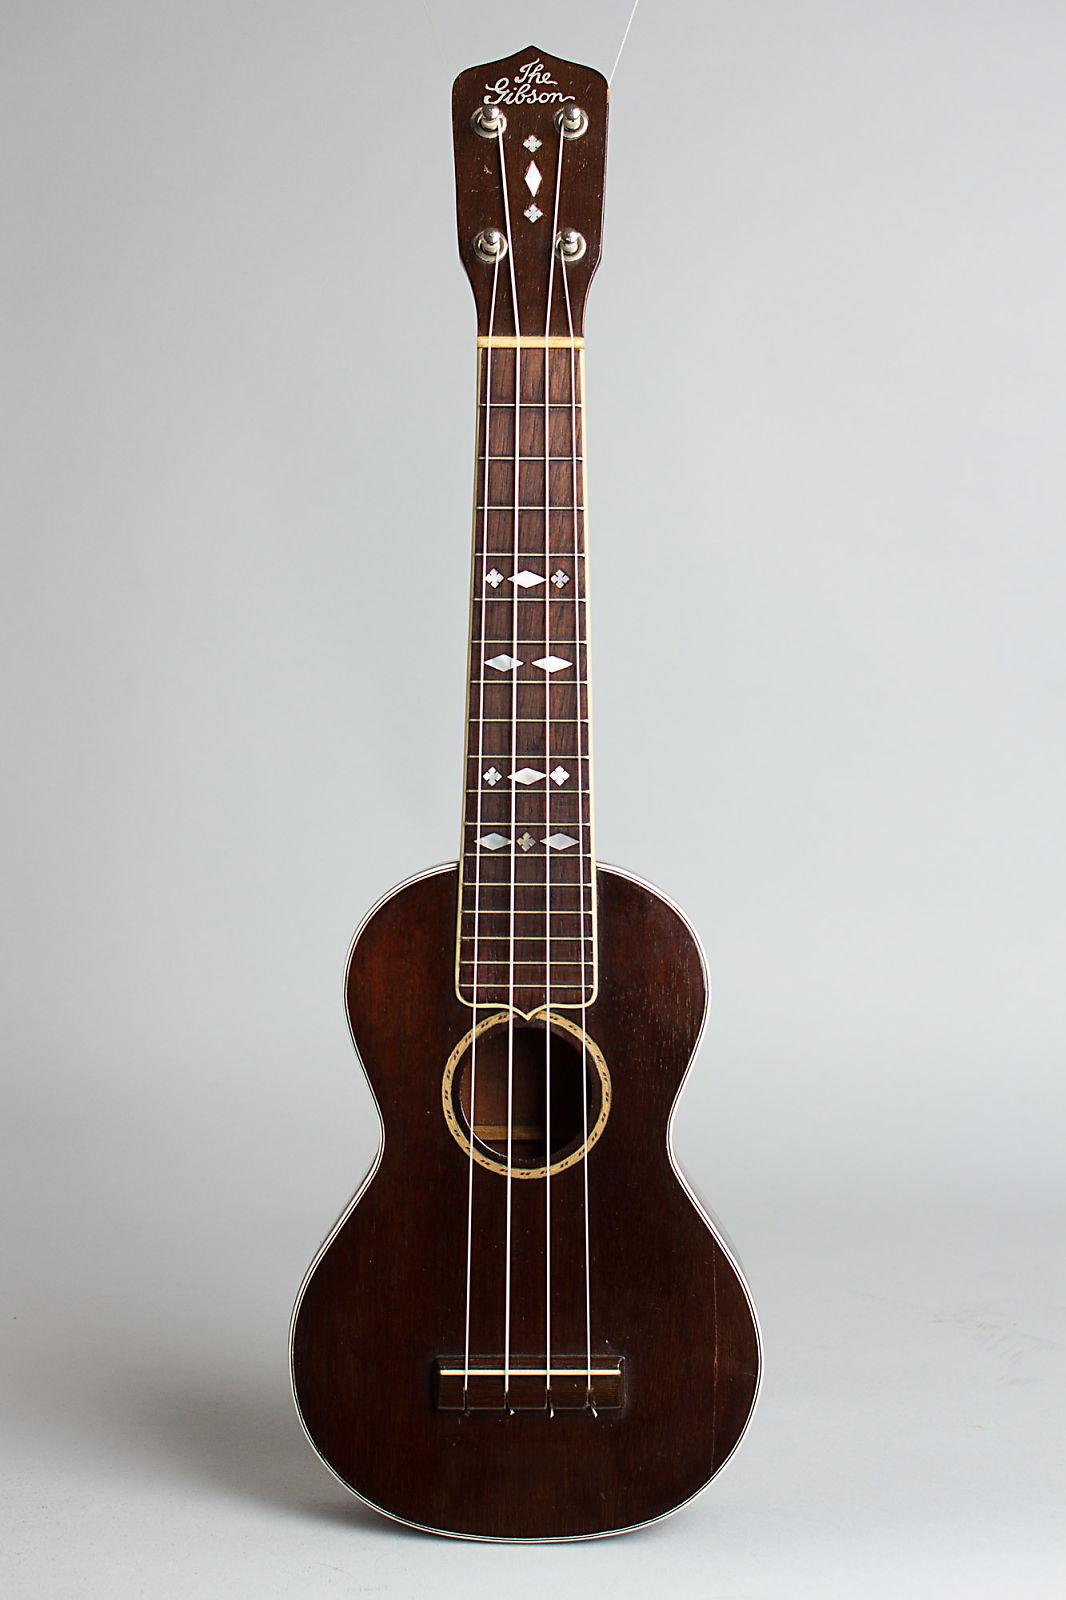 Gibson  Uke-3 Soprano Ukulele,  c. 1928, chipboard case.